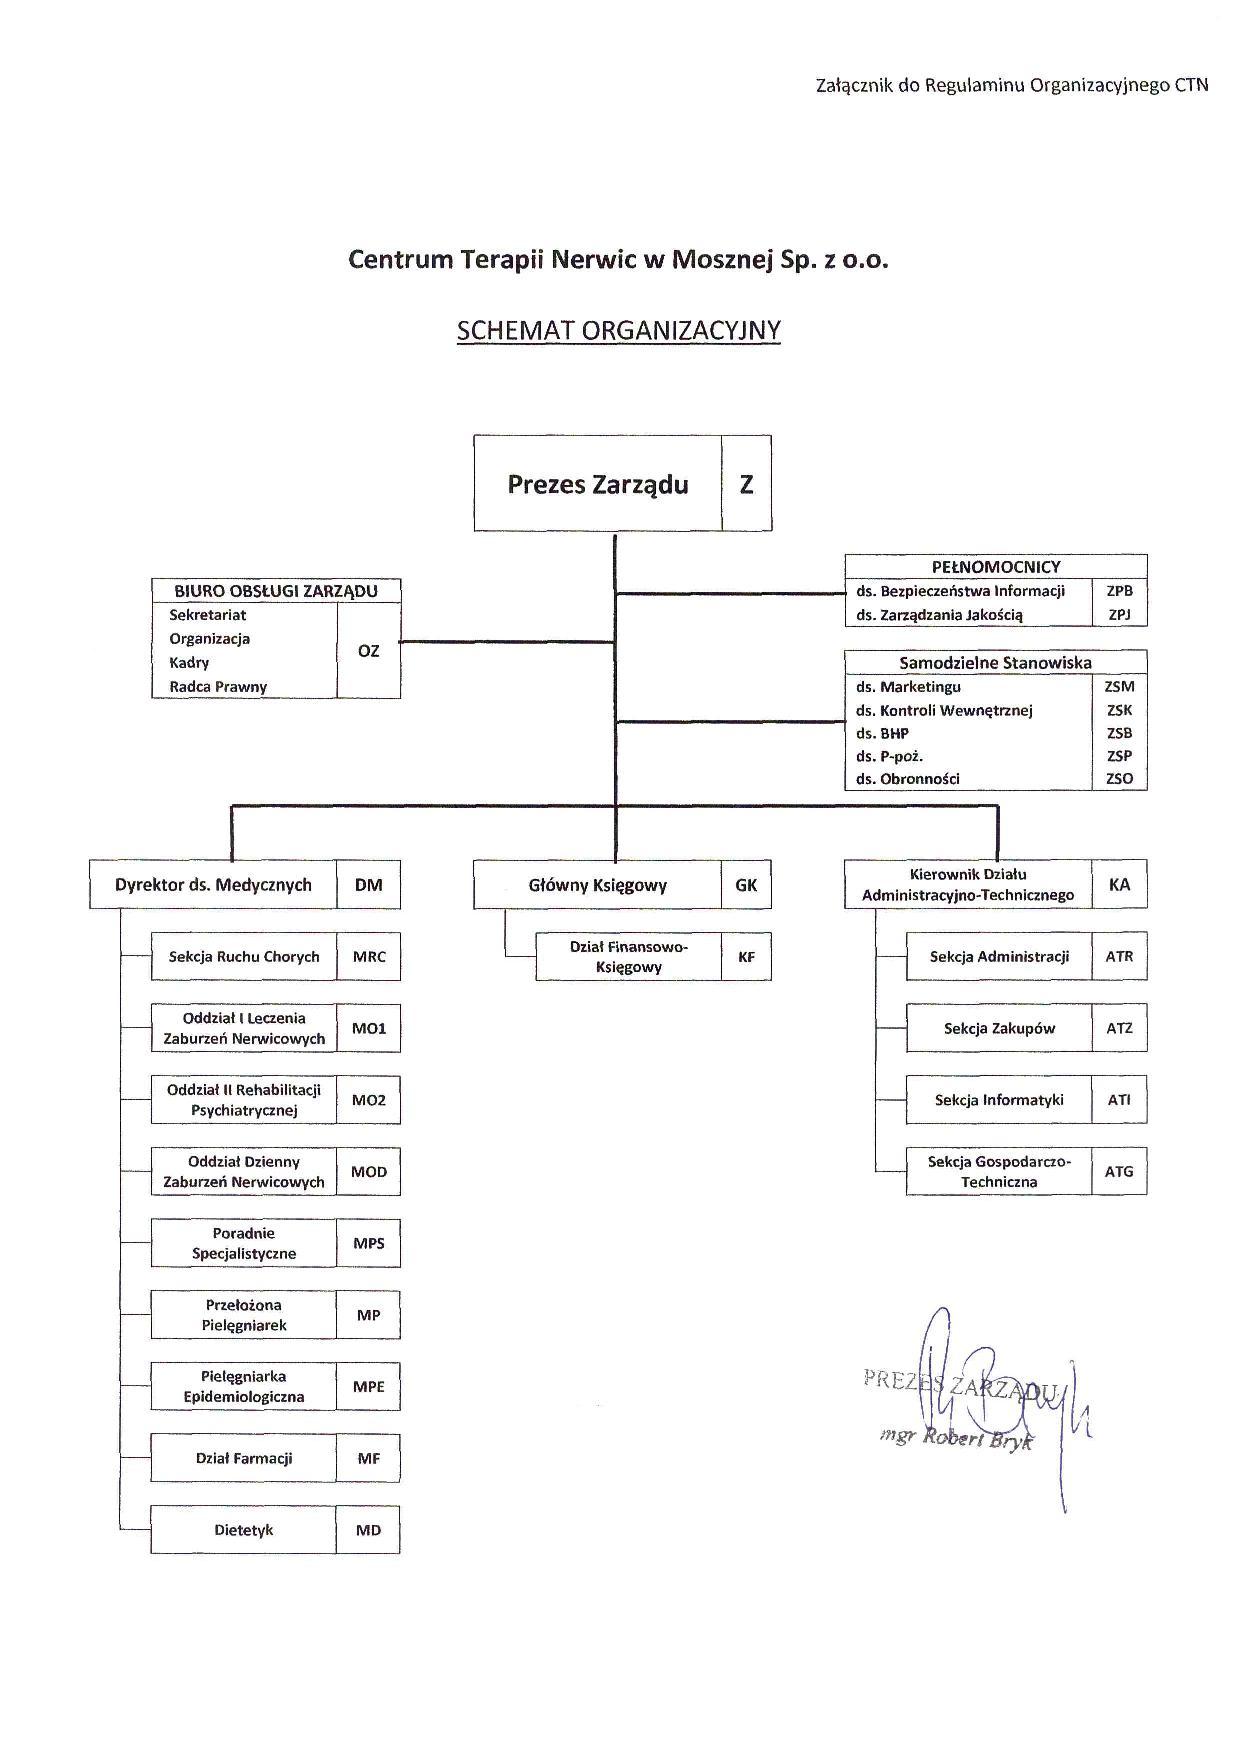 schemat organizacyjny 2014.jpeg